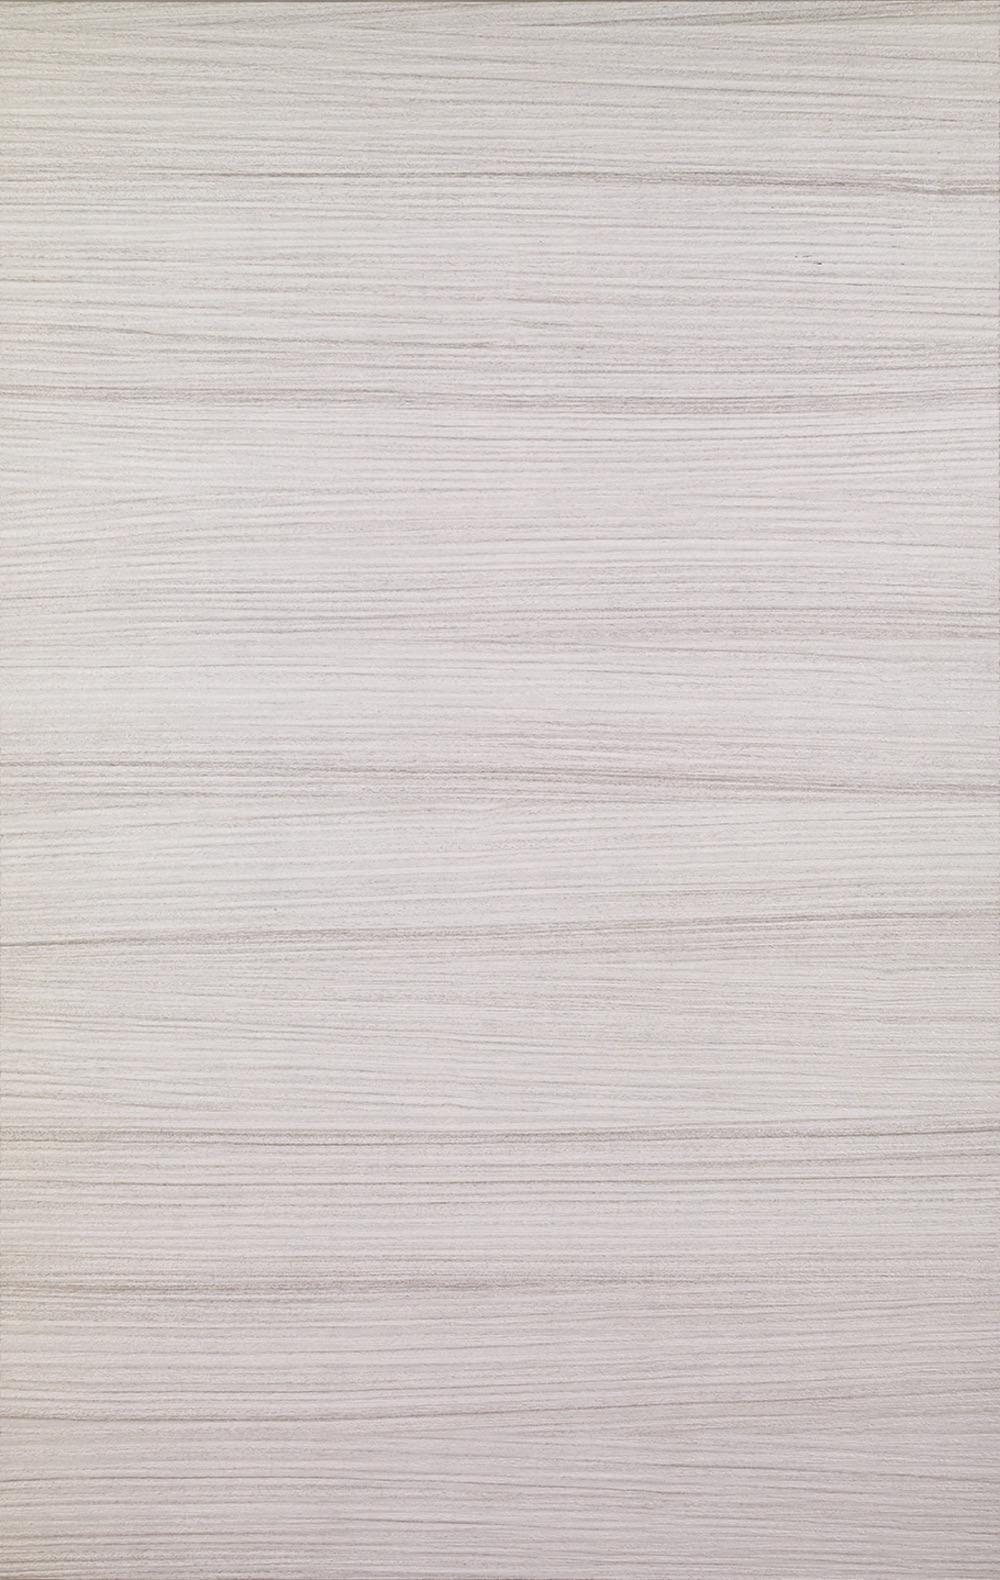 Raw Cotton Horizontal